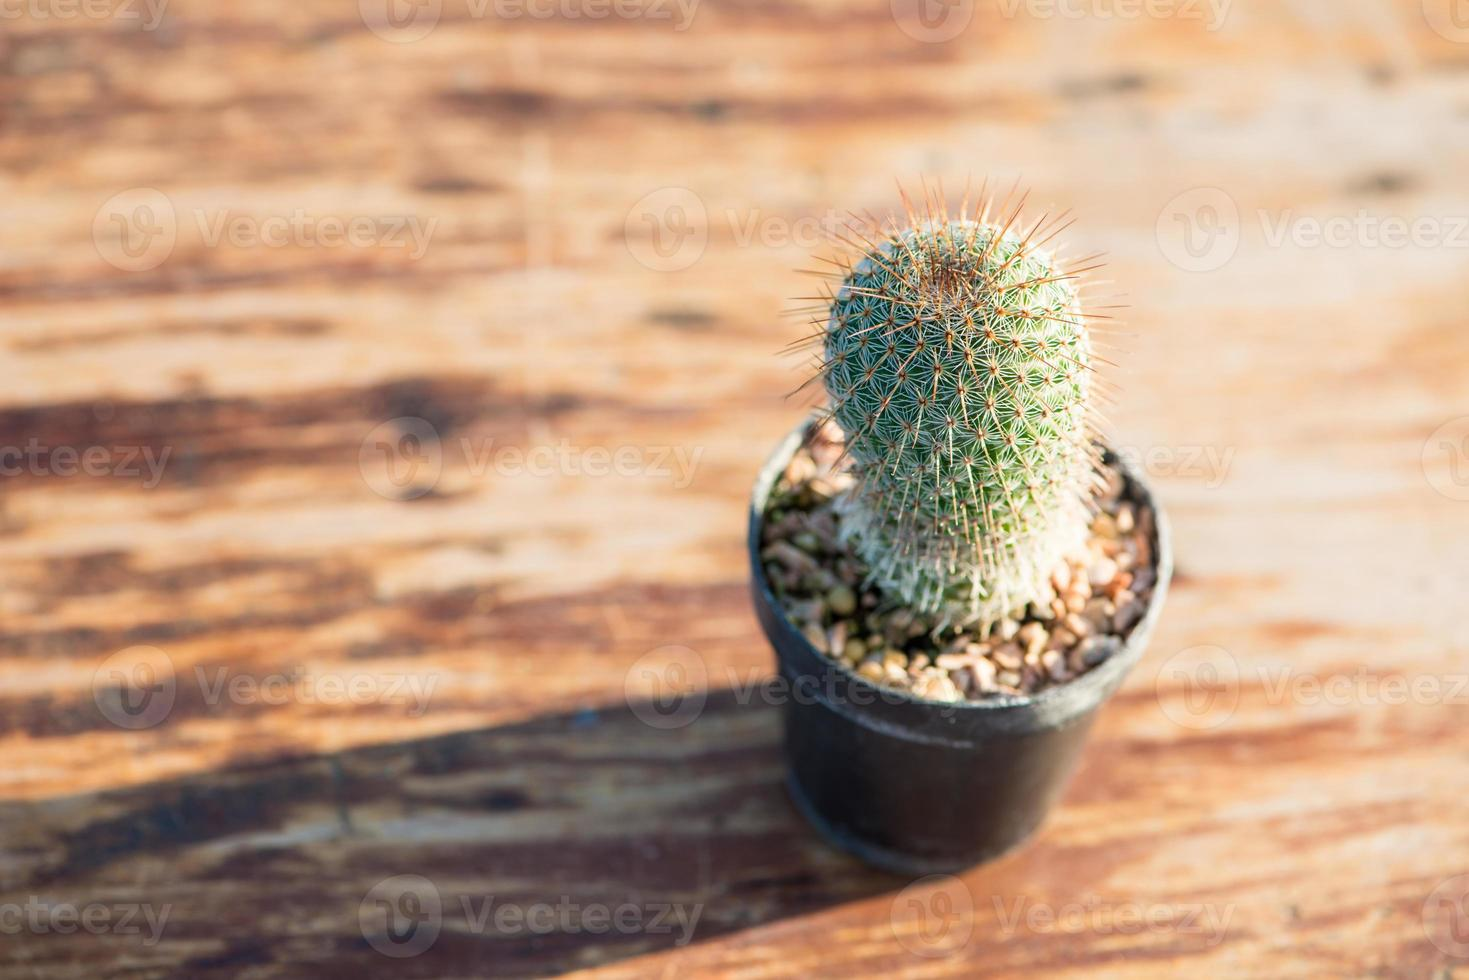 Kaktus im Blumentopf auf Holztisch foto